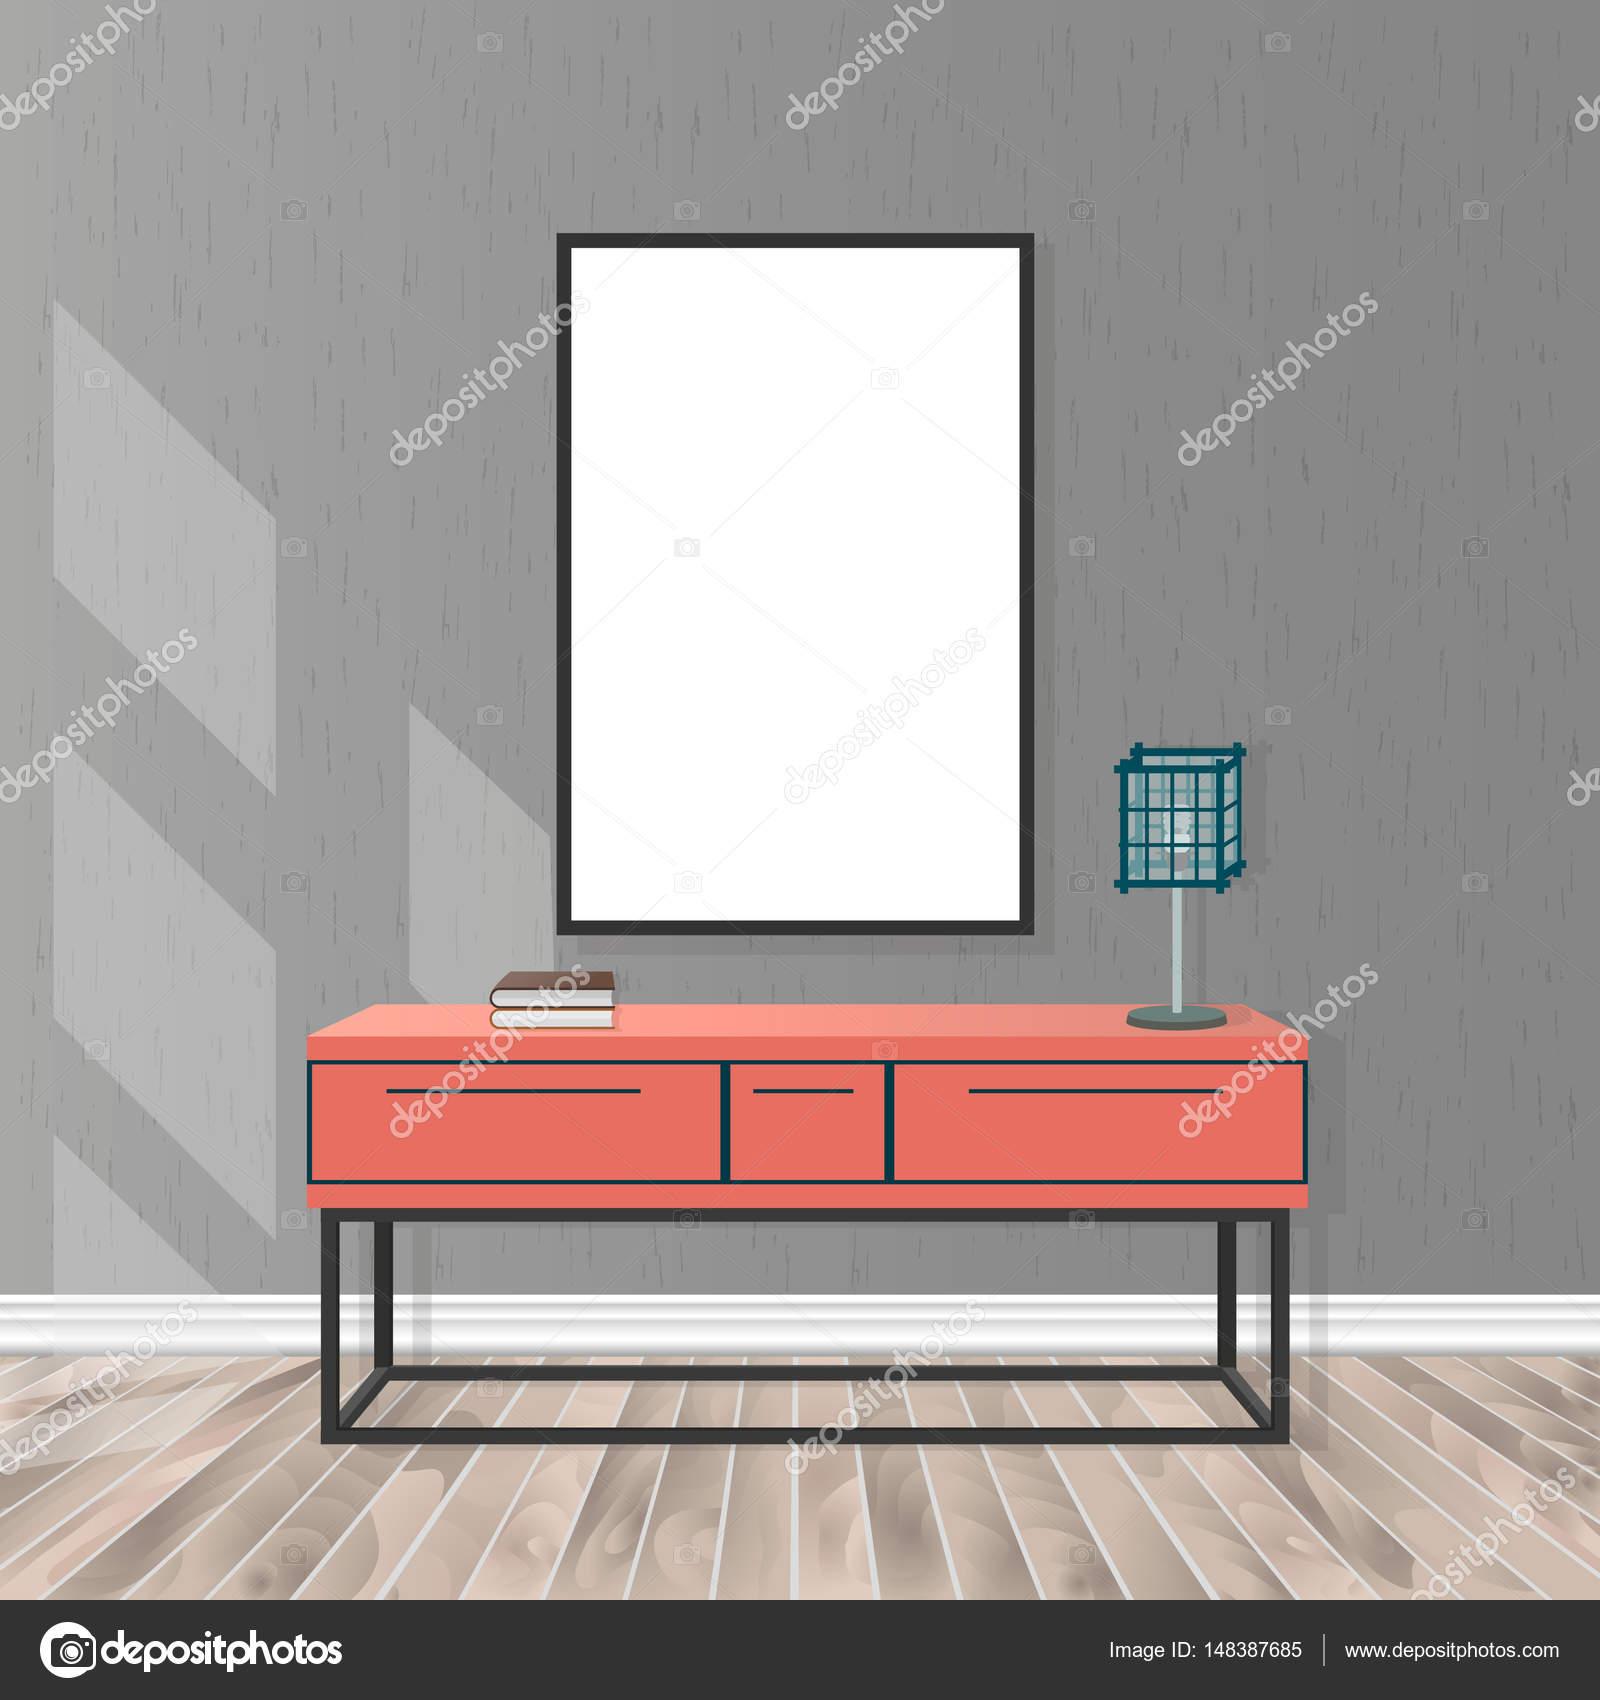 Mock Up Wohnzimmer Interieur Mit Leeren Rahmen Buro Lampe Parkett